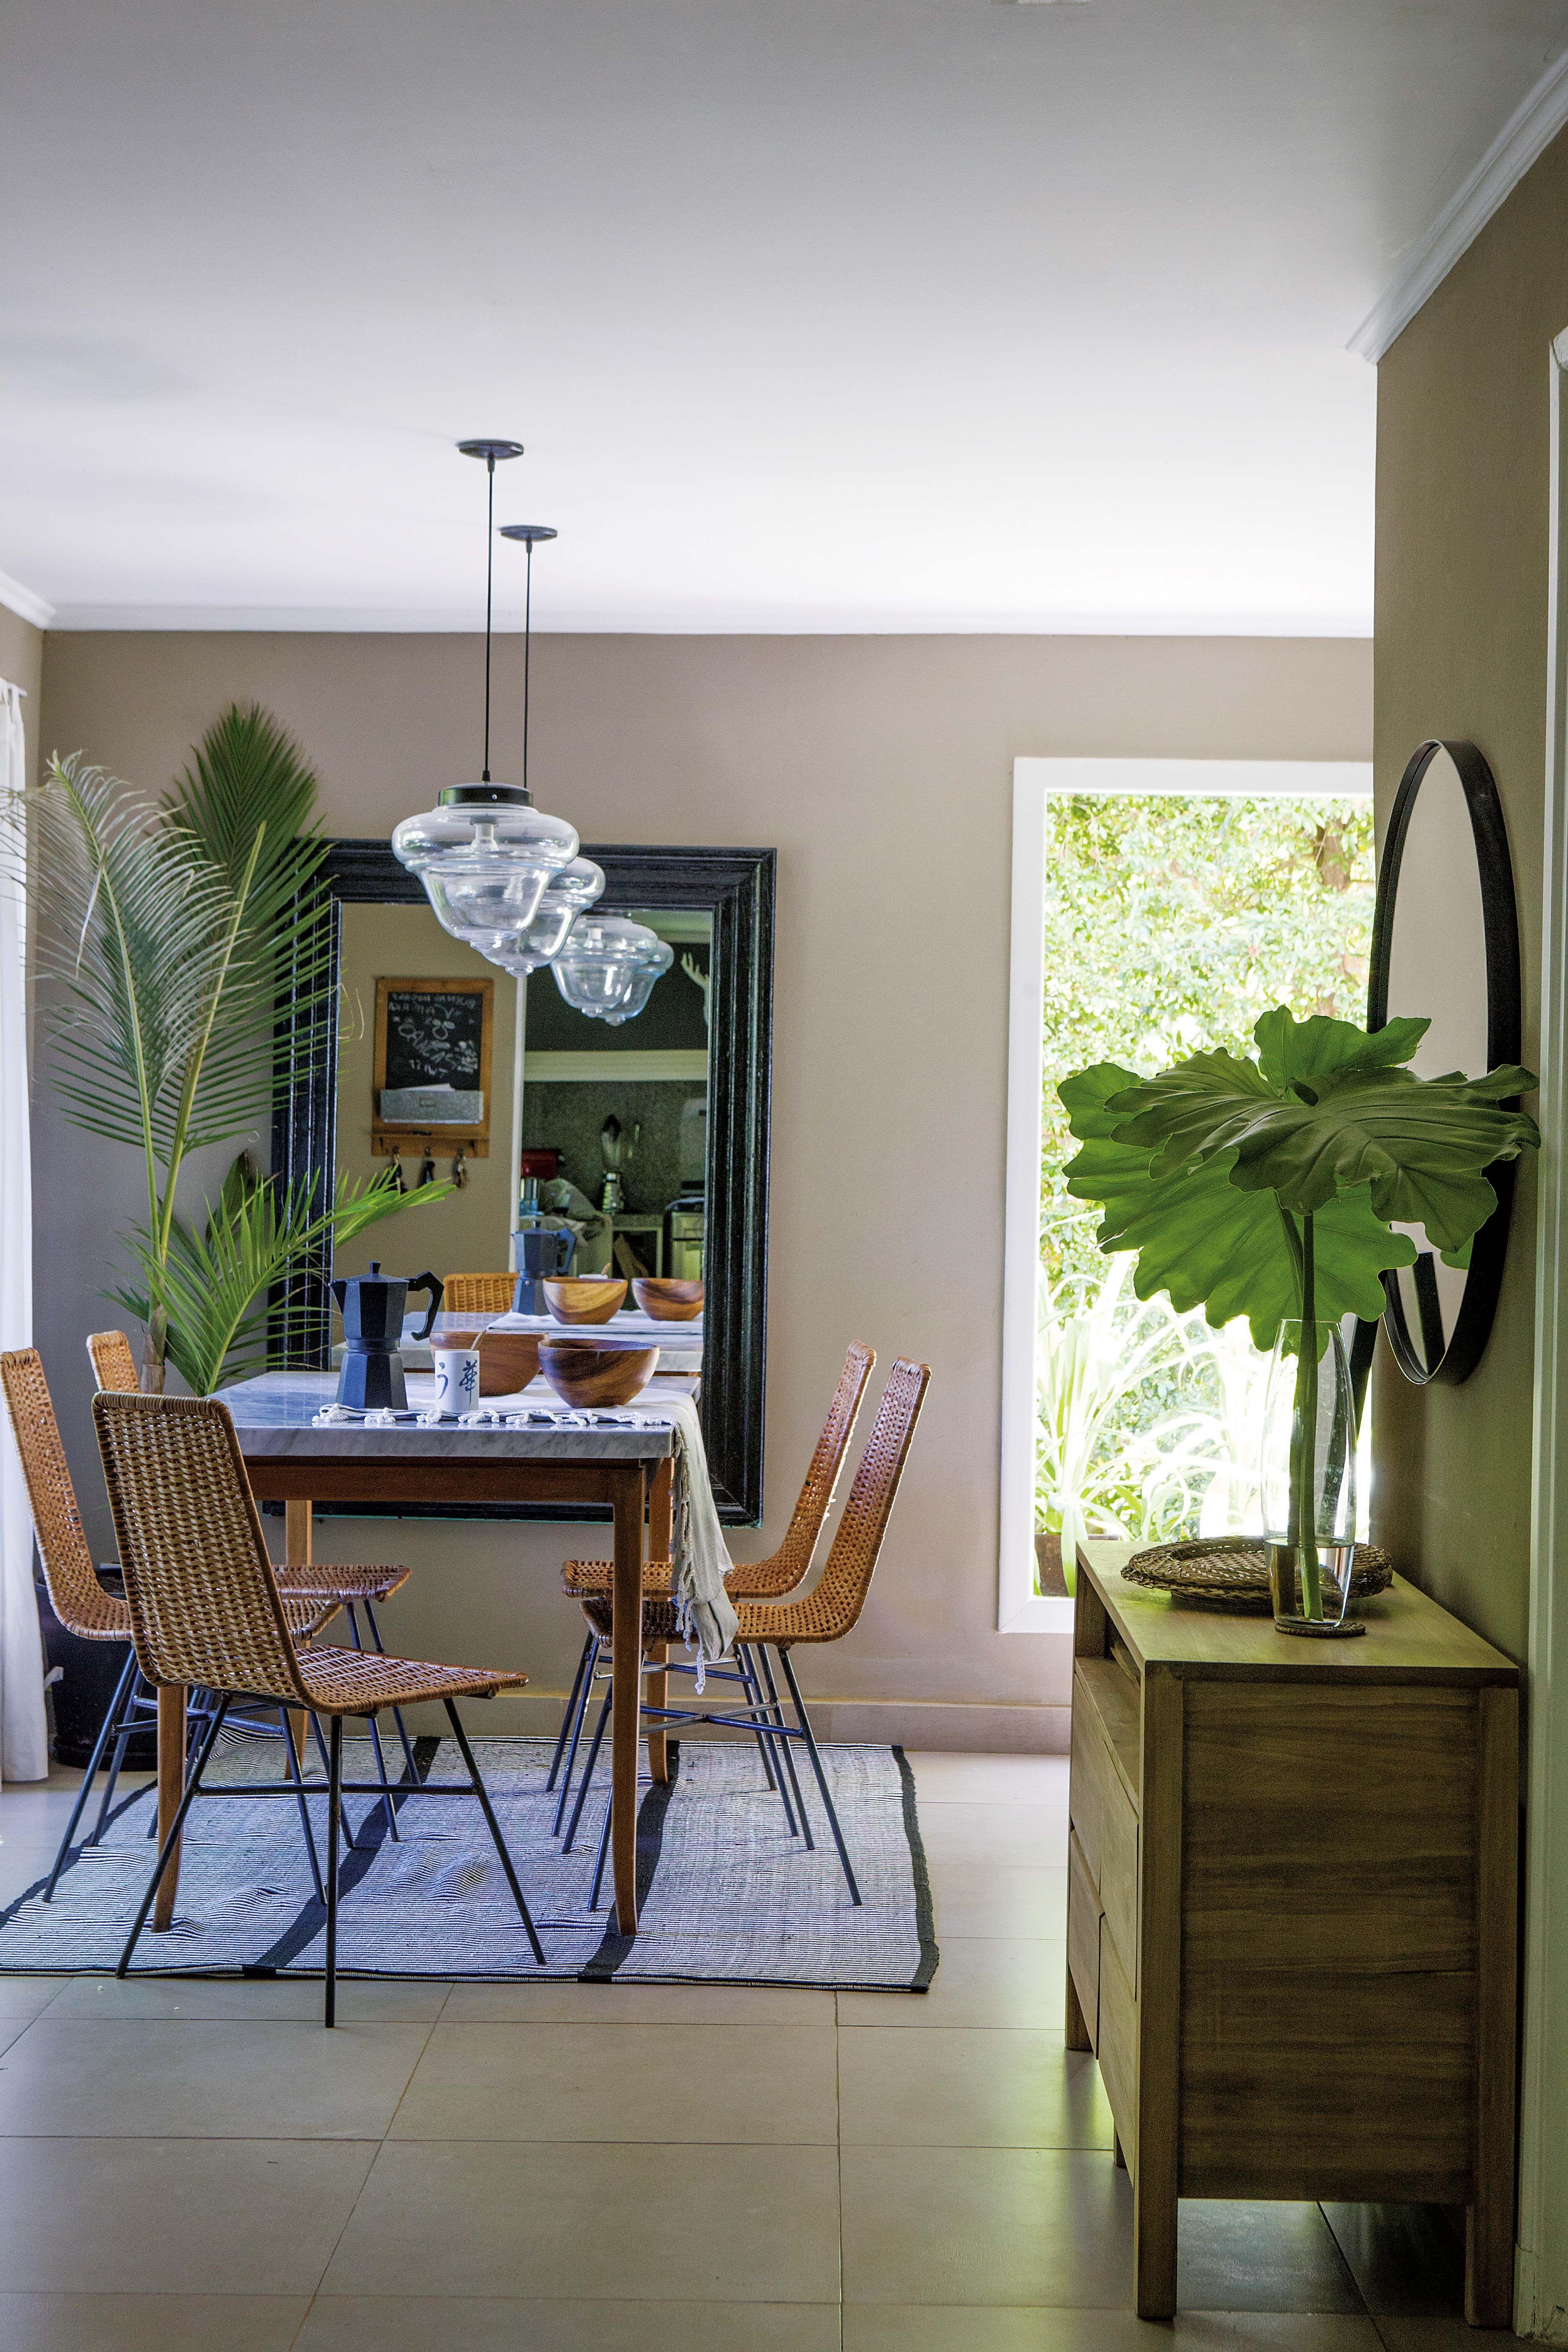 Una casa en un country con aire tropical por dentro y por fuera